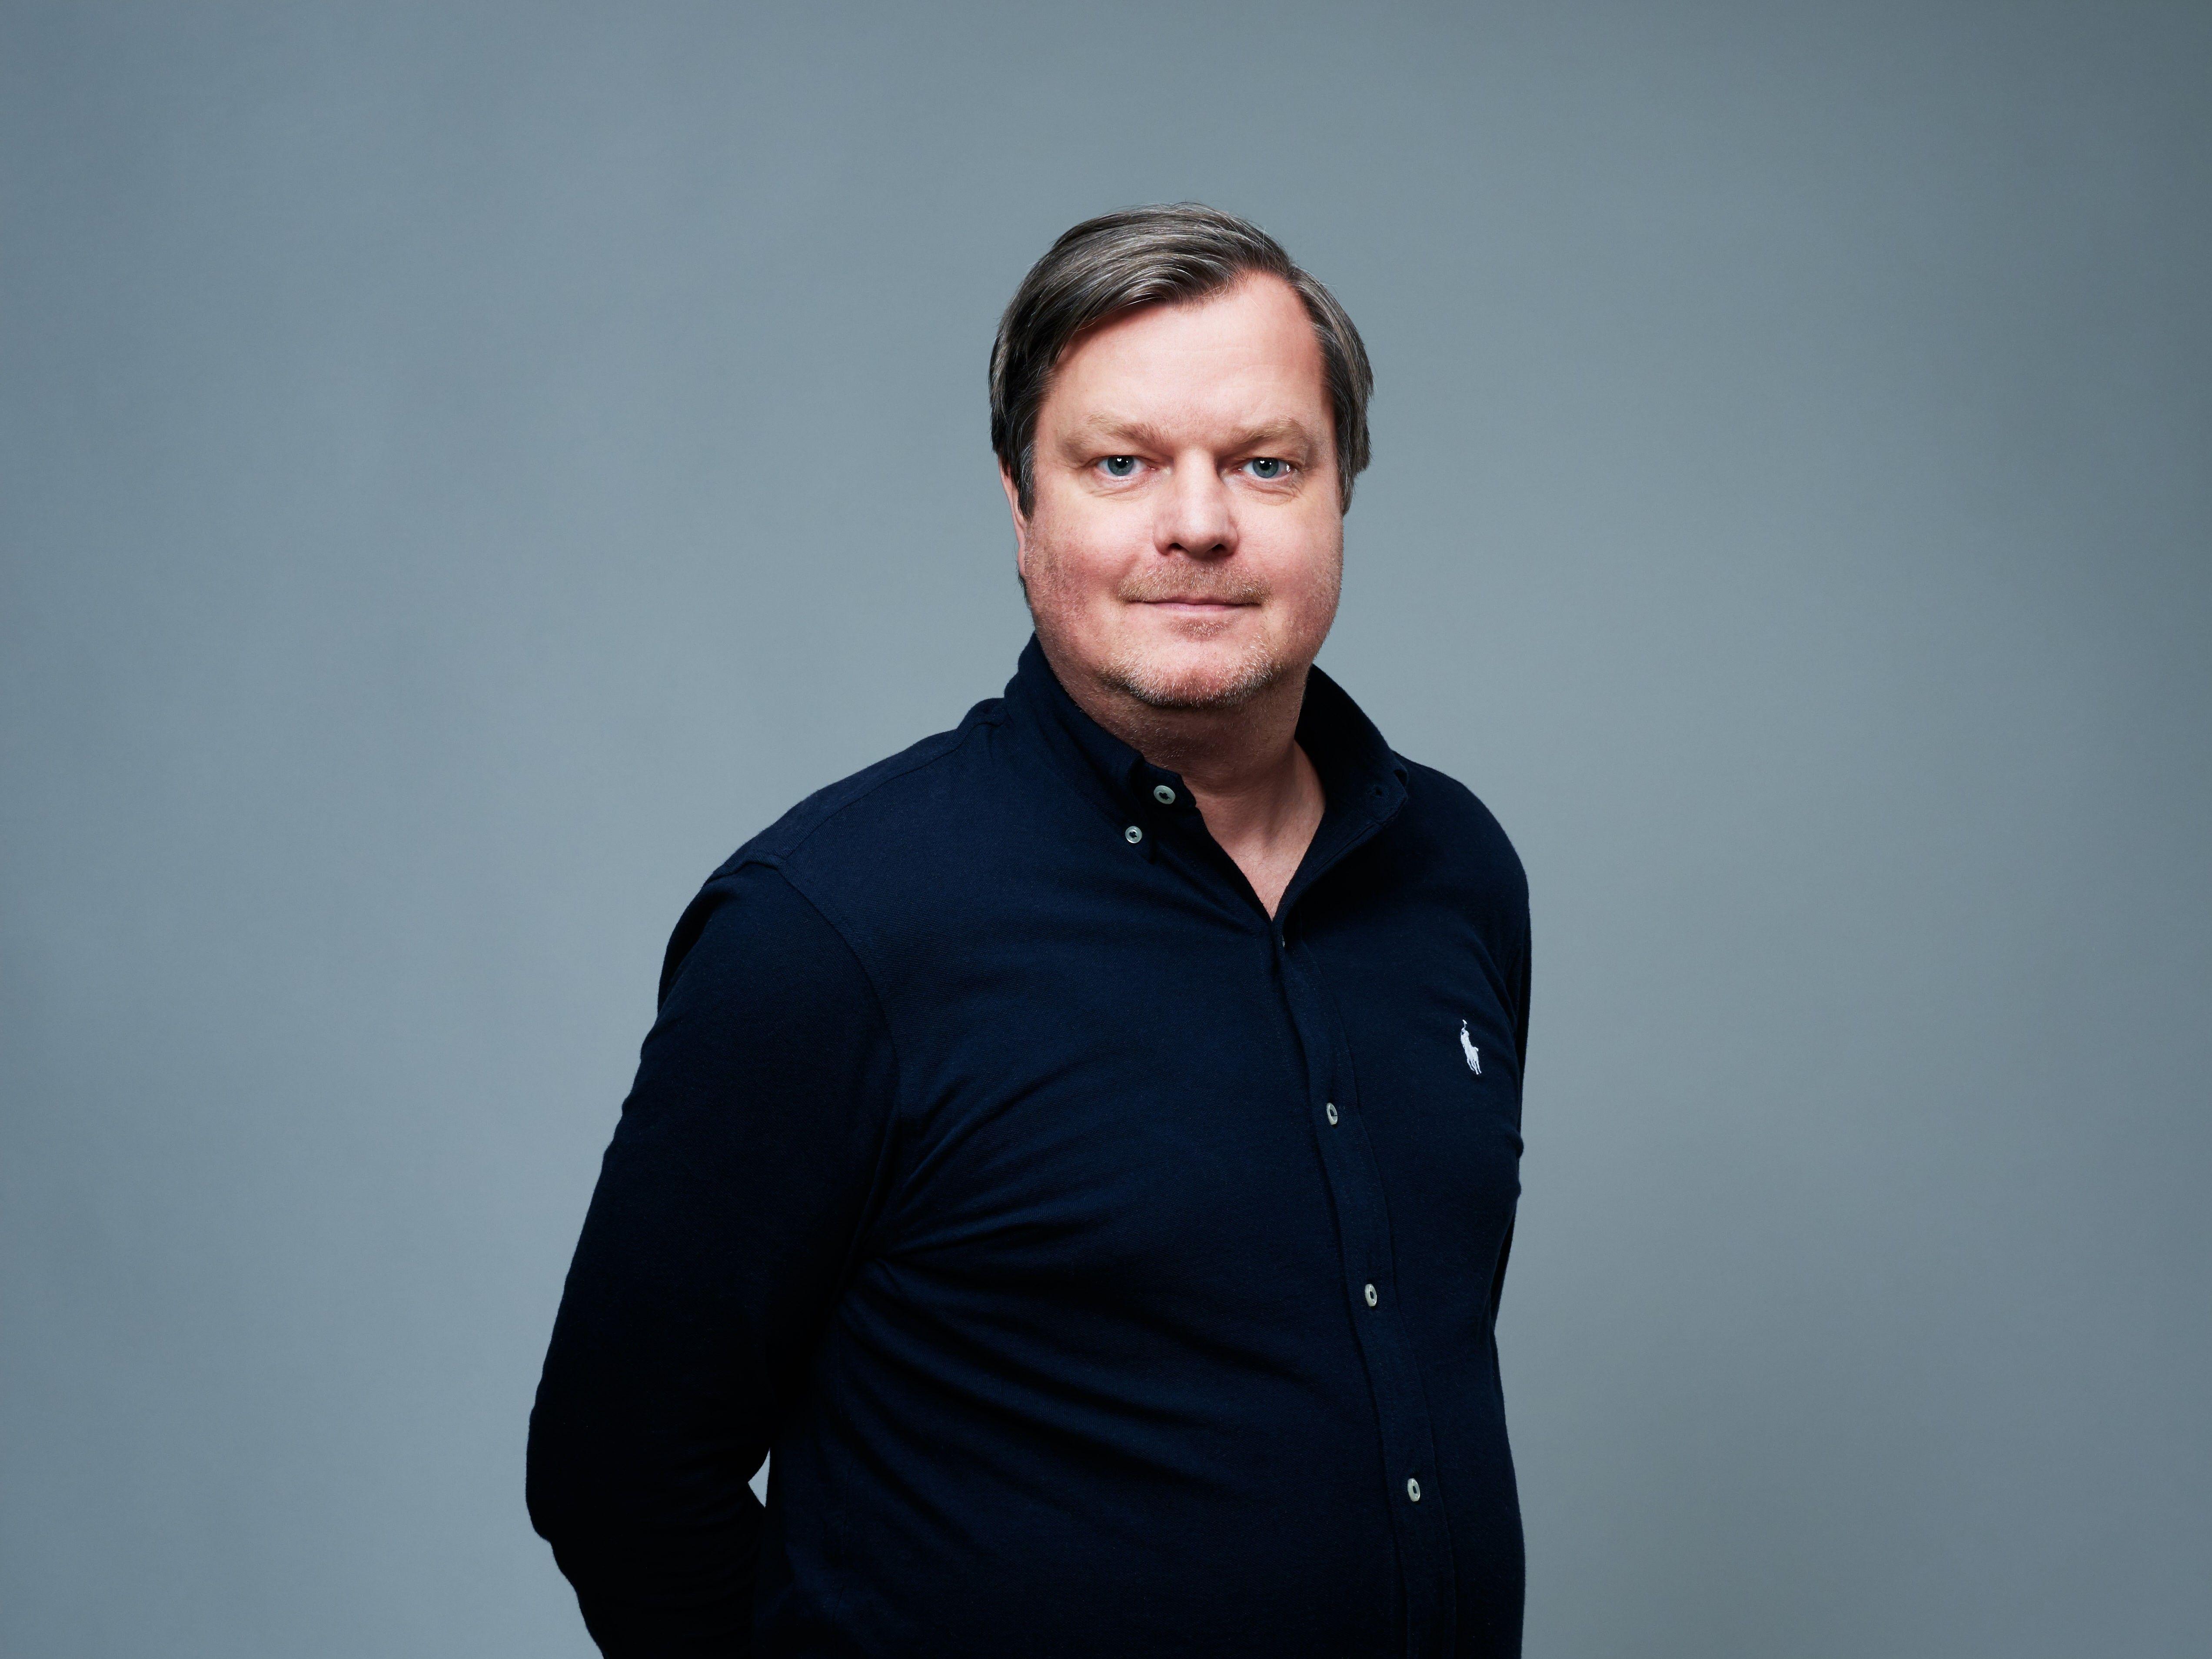 ELSIKKERT: Komiker og tekstforfatter Espen Lervaag var lite opptatt av elsikkerhet. Så var han med i en reklame om tema.